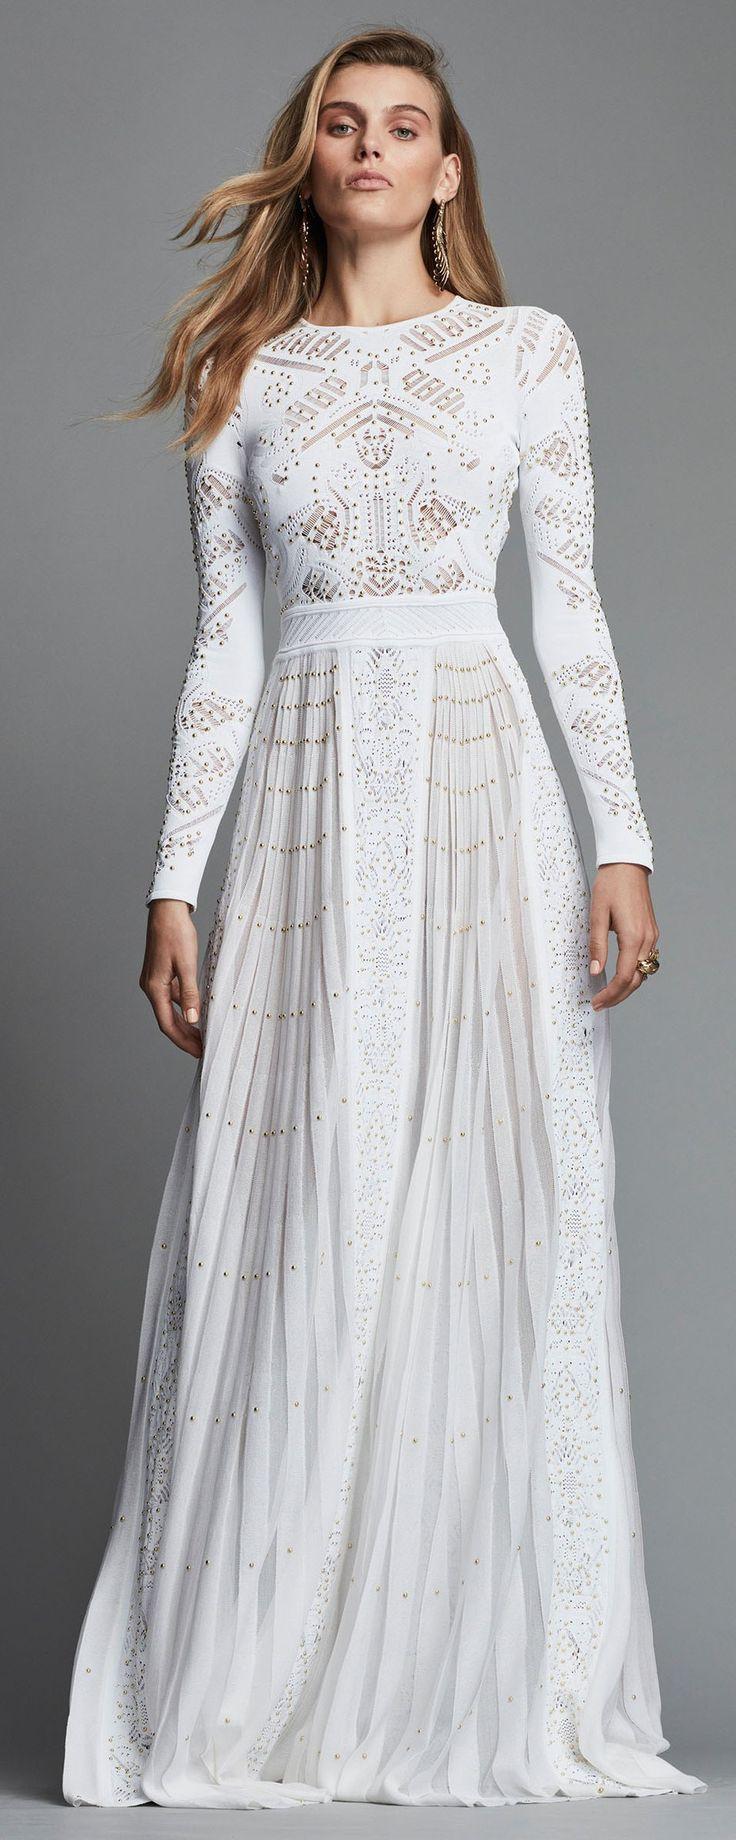 Zuhair Murad Spring-summer 2018 - Ready-to-Wear - http://www.orientpalms.com/Zuhair-Murad-6984